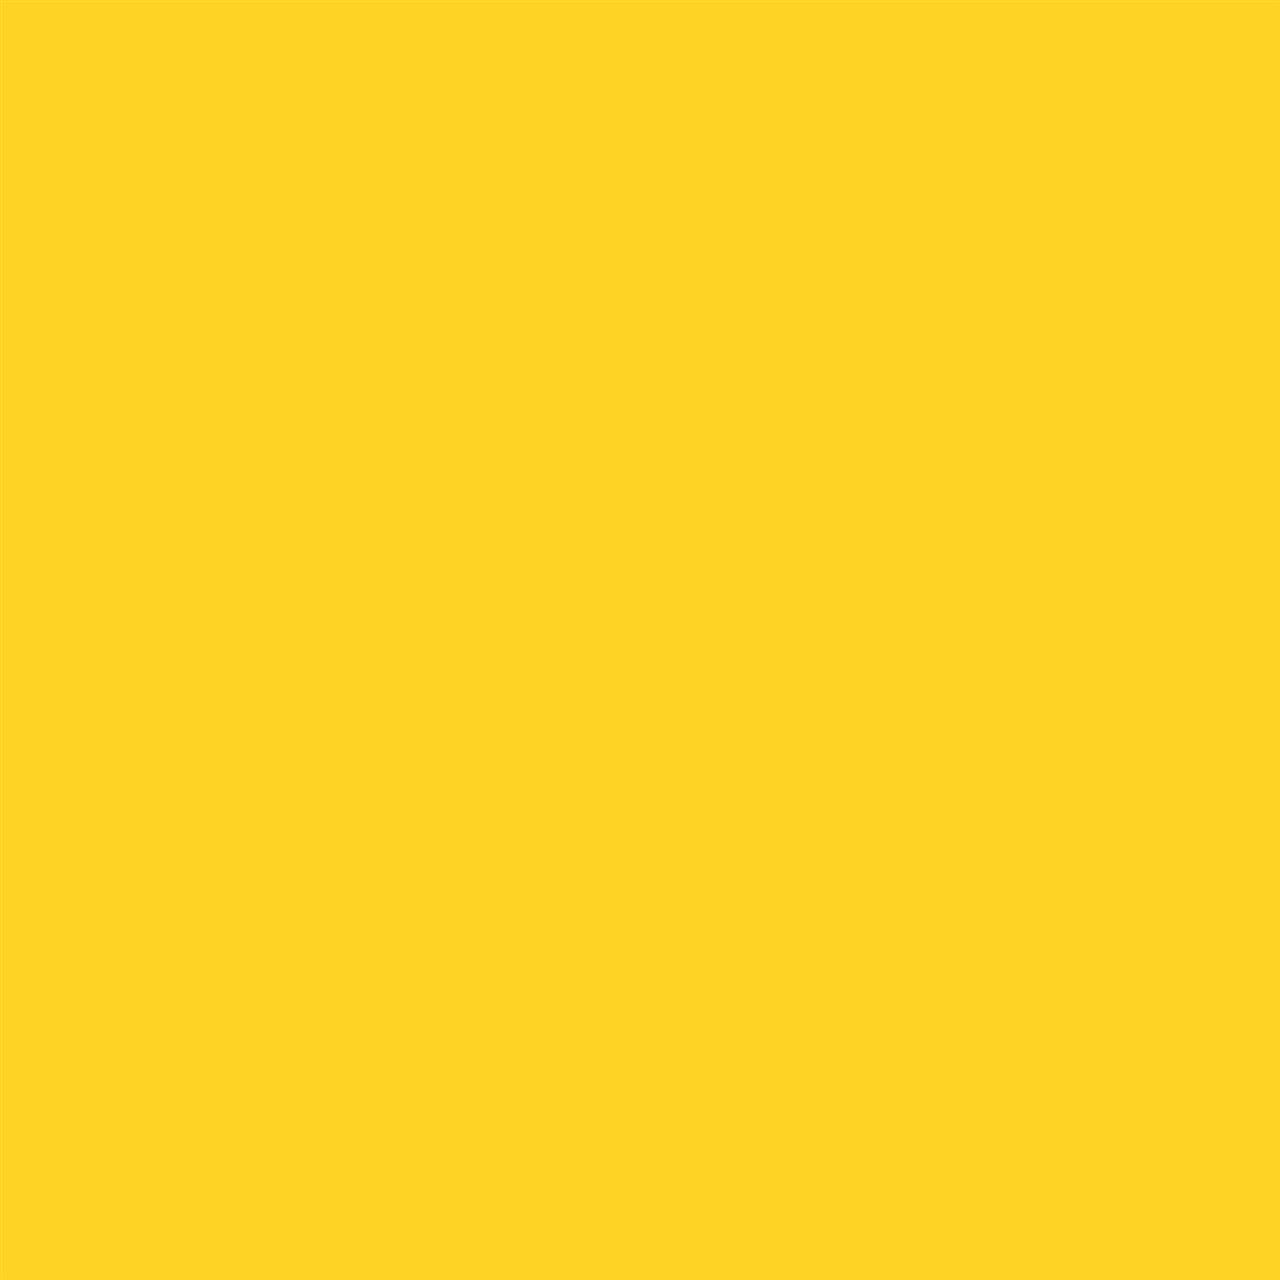 Алюкобонд светло-жёлтый 8815 (4мм/21мкм) 1,22мХ2,44м